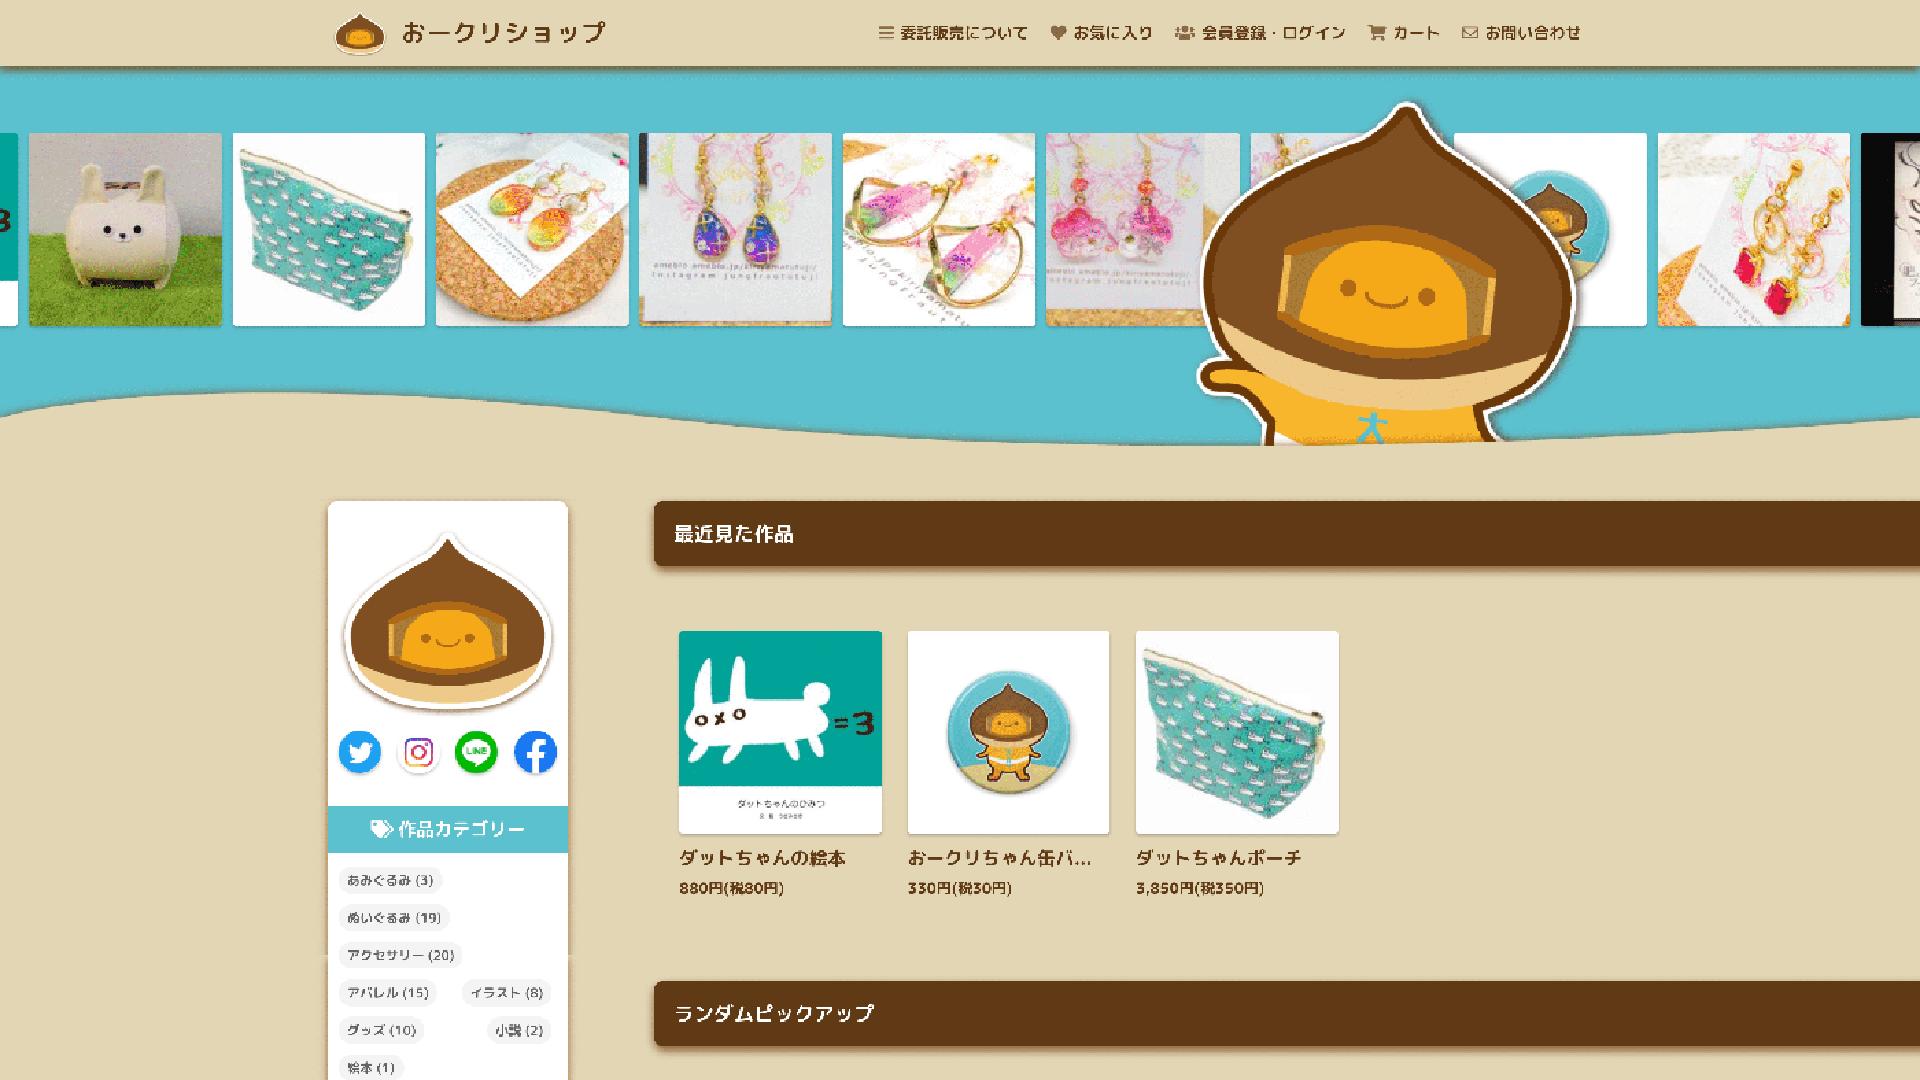 おークリショップ WEBサイト